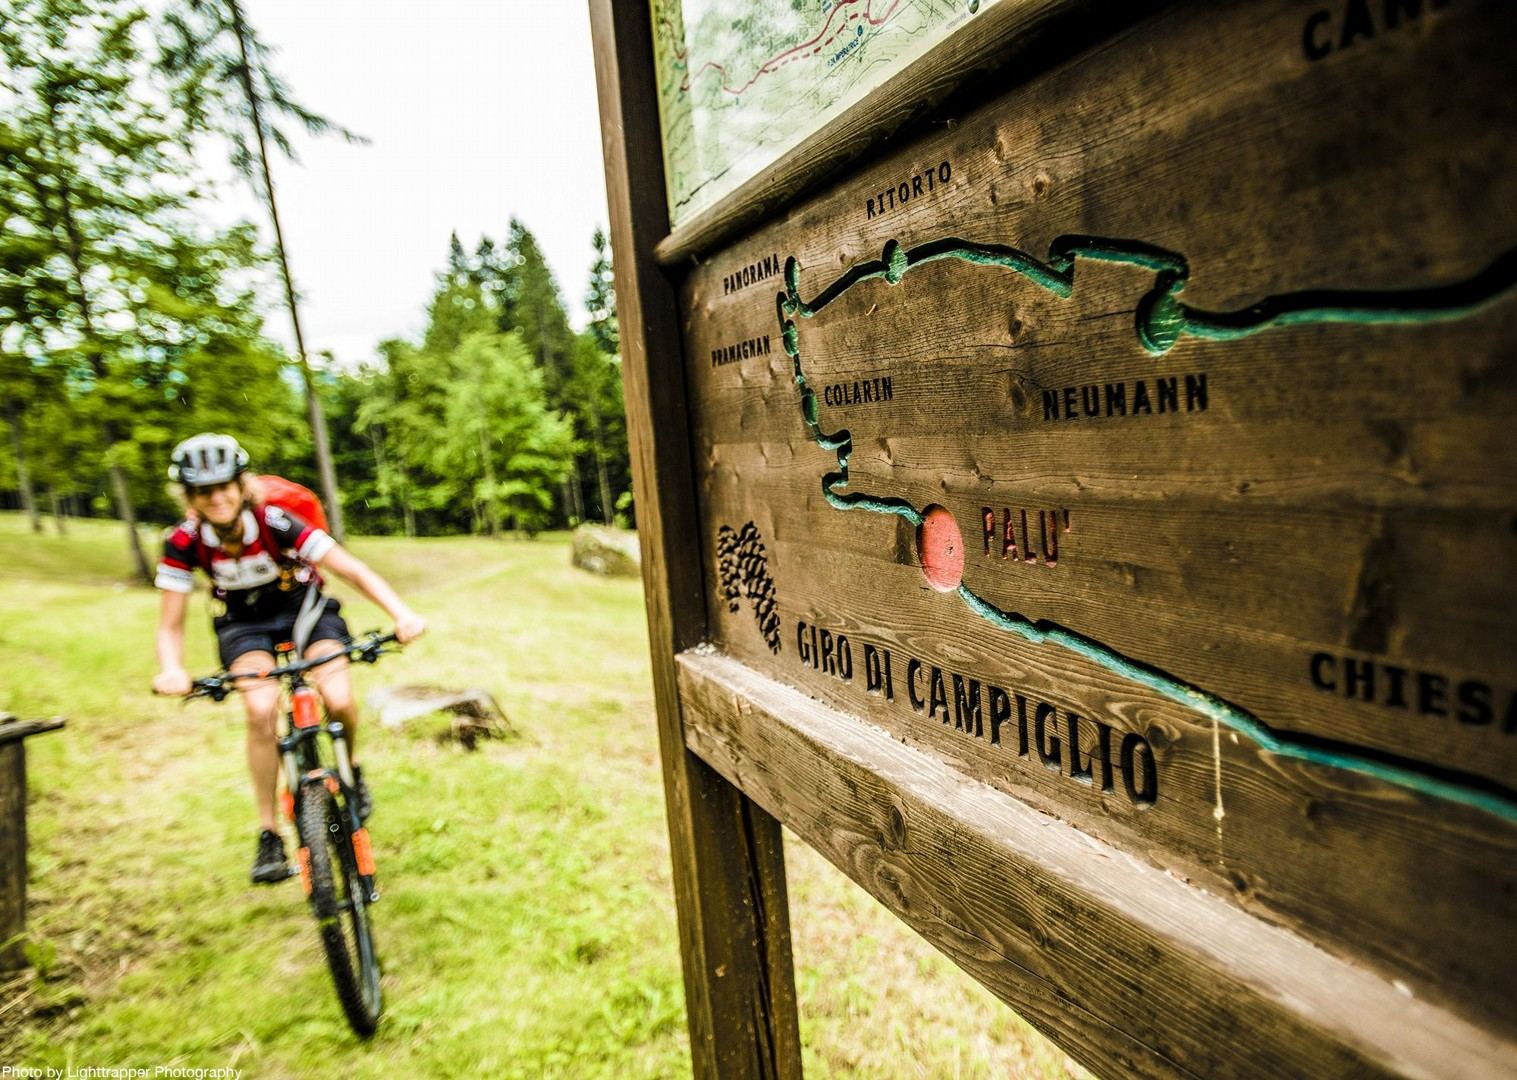 saddle_skedaddle_italy_2017_day6_brenta_dolomites_164-2.jpg - Italy - Dolomites of Brenta - Electric Mountain Bike Holiday - Mountain Biking